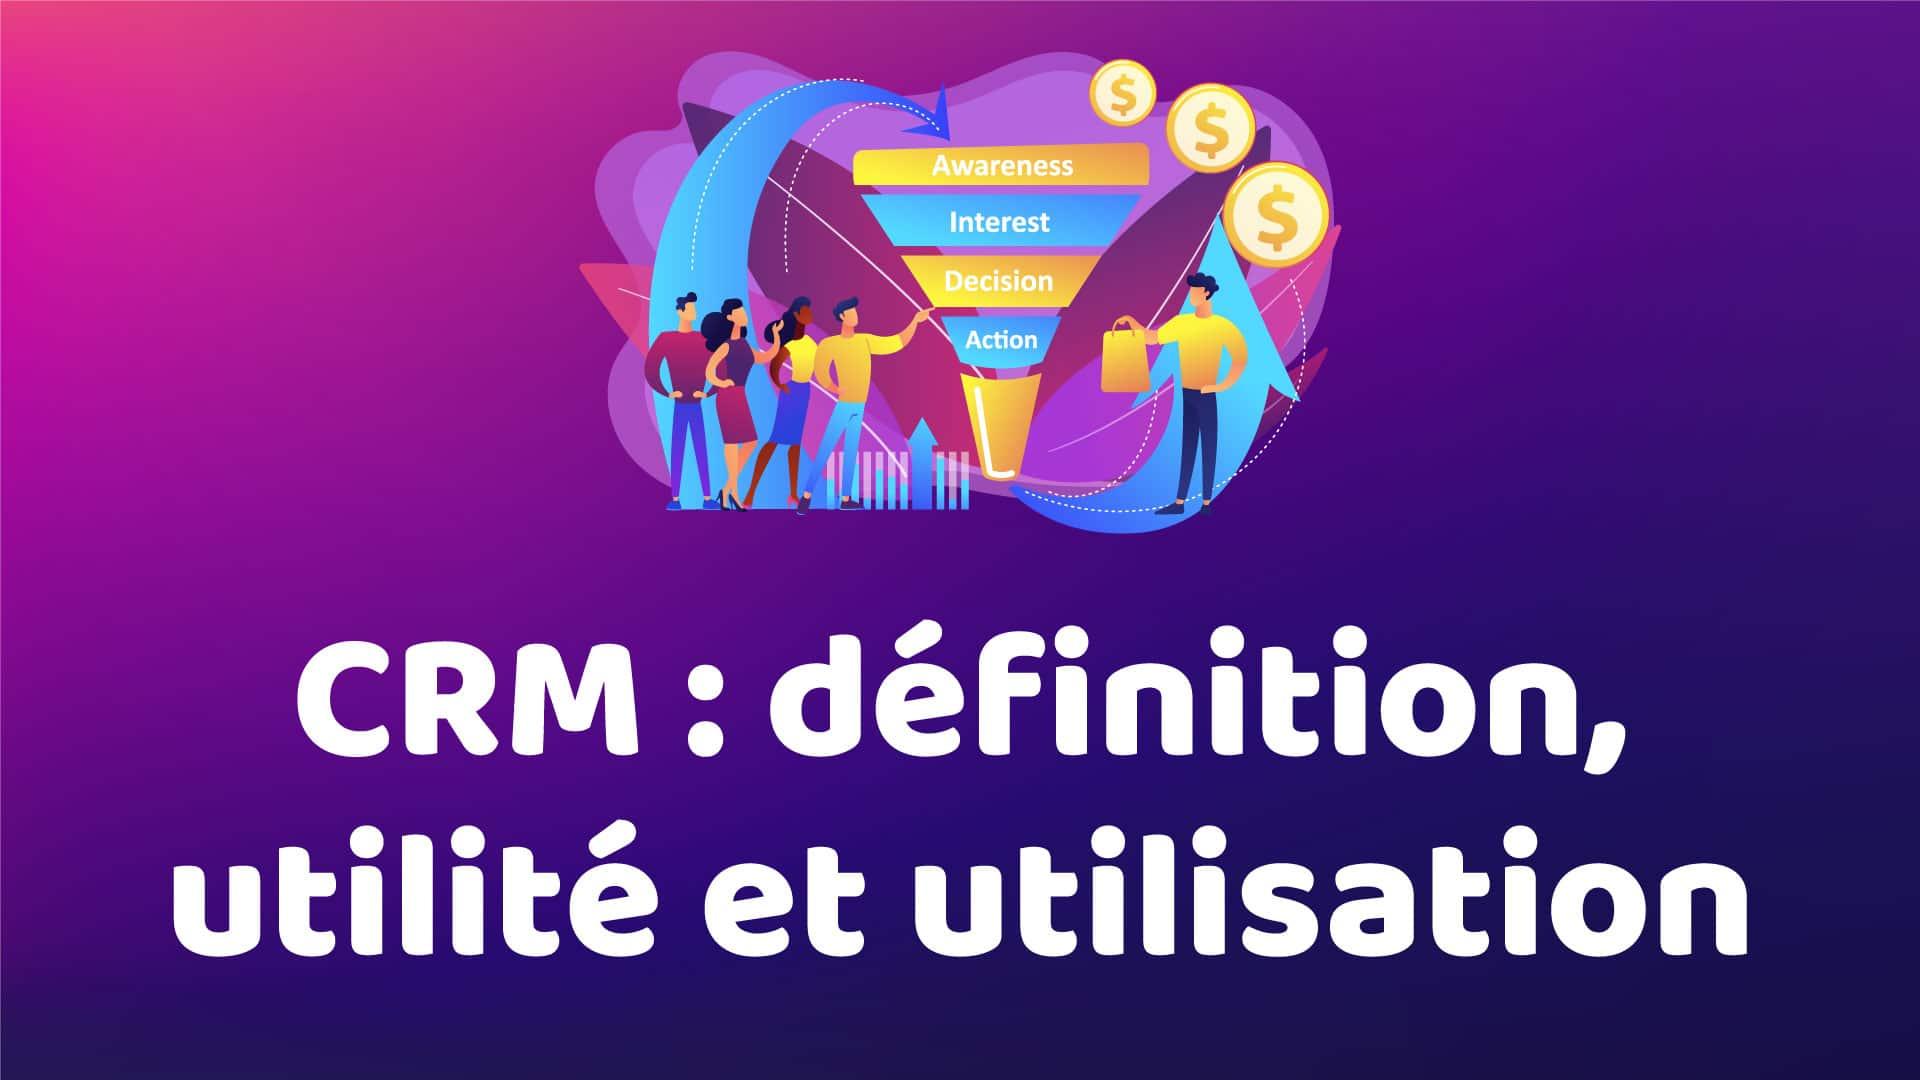 CRM : Définition, utilité et utilisation